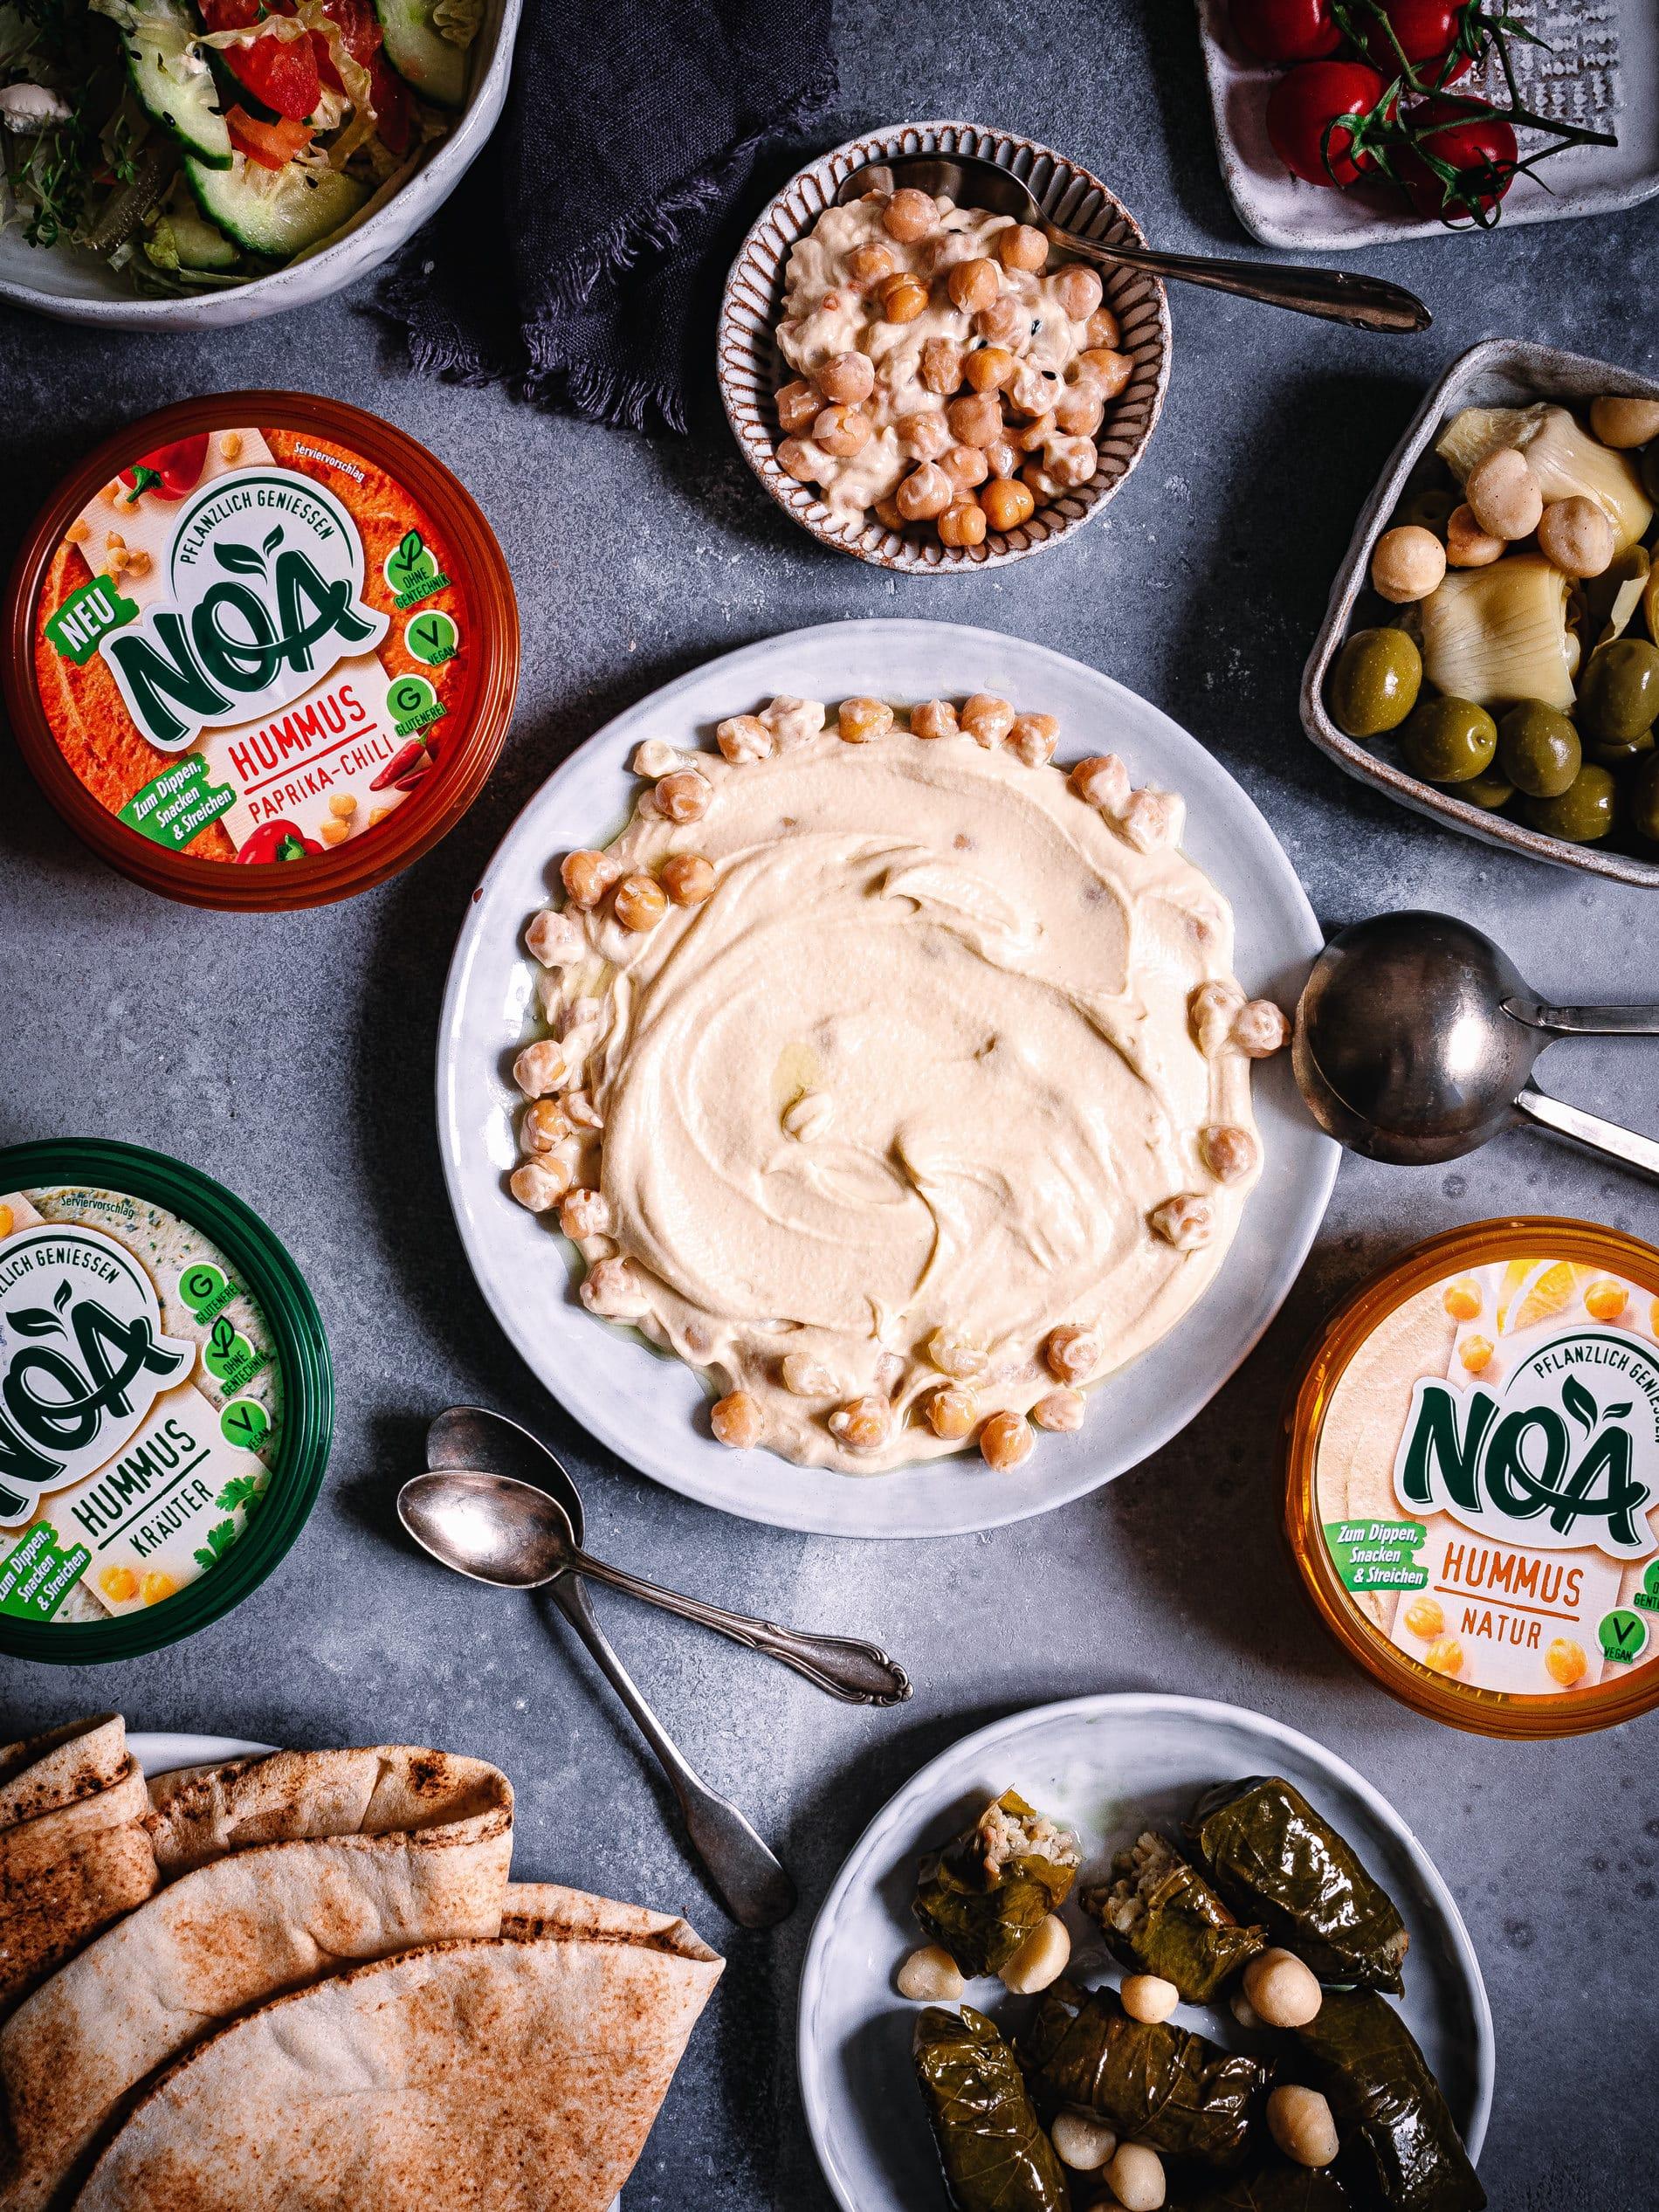 Hummus von NOA